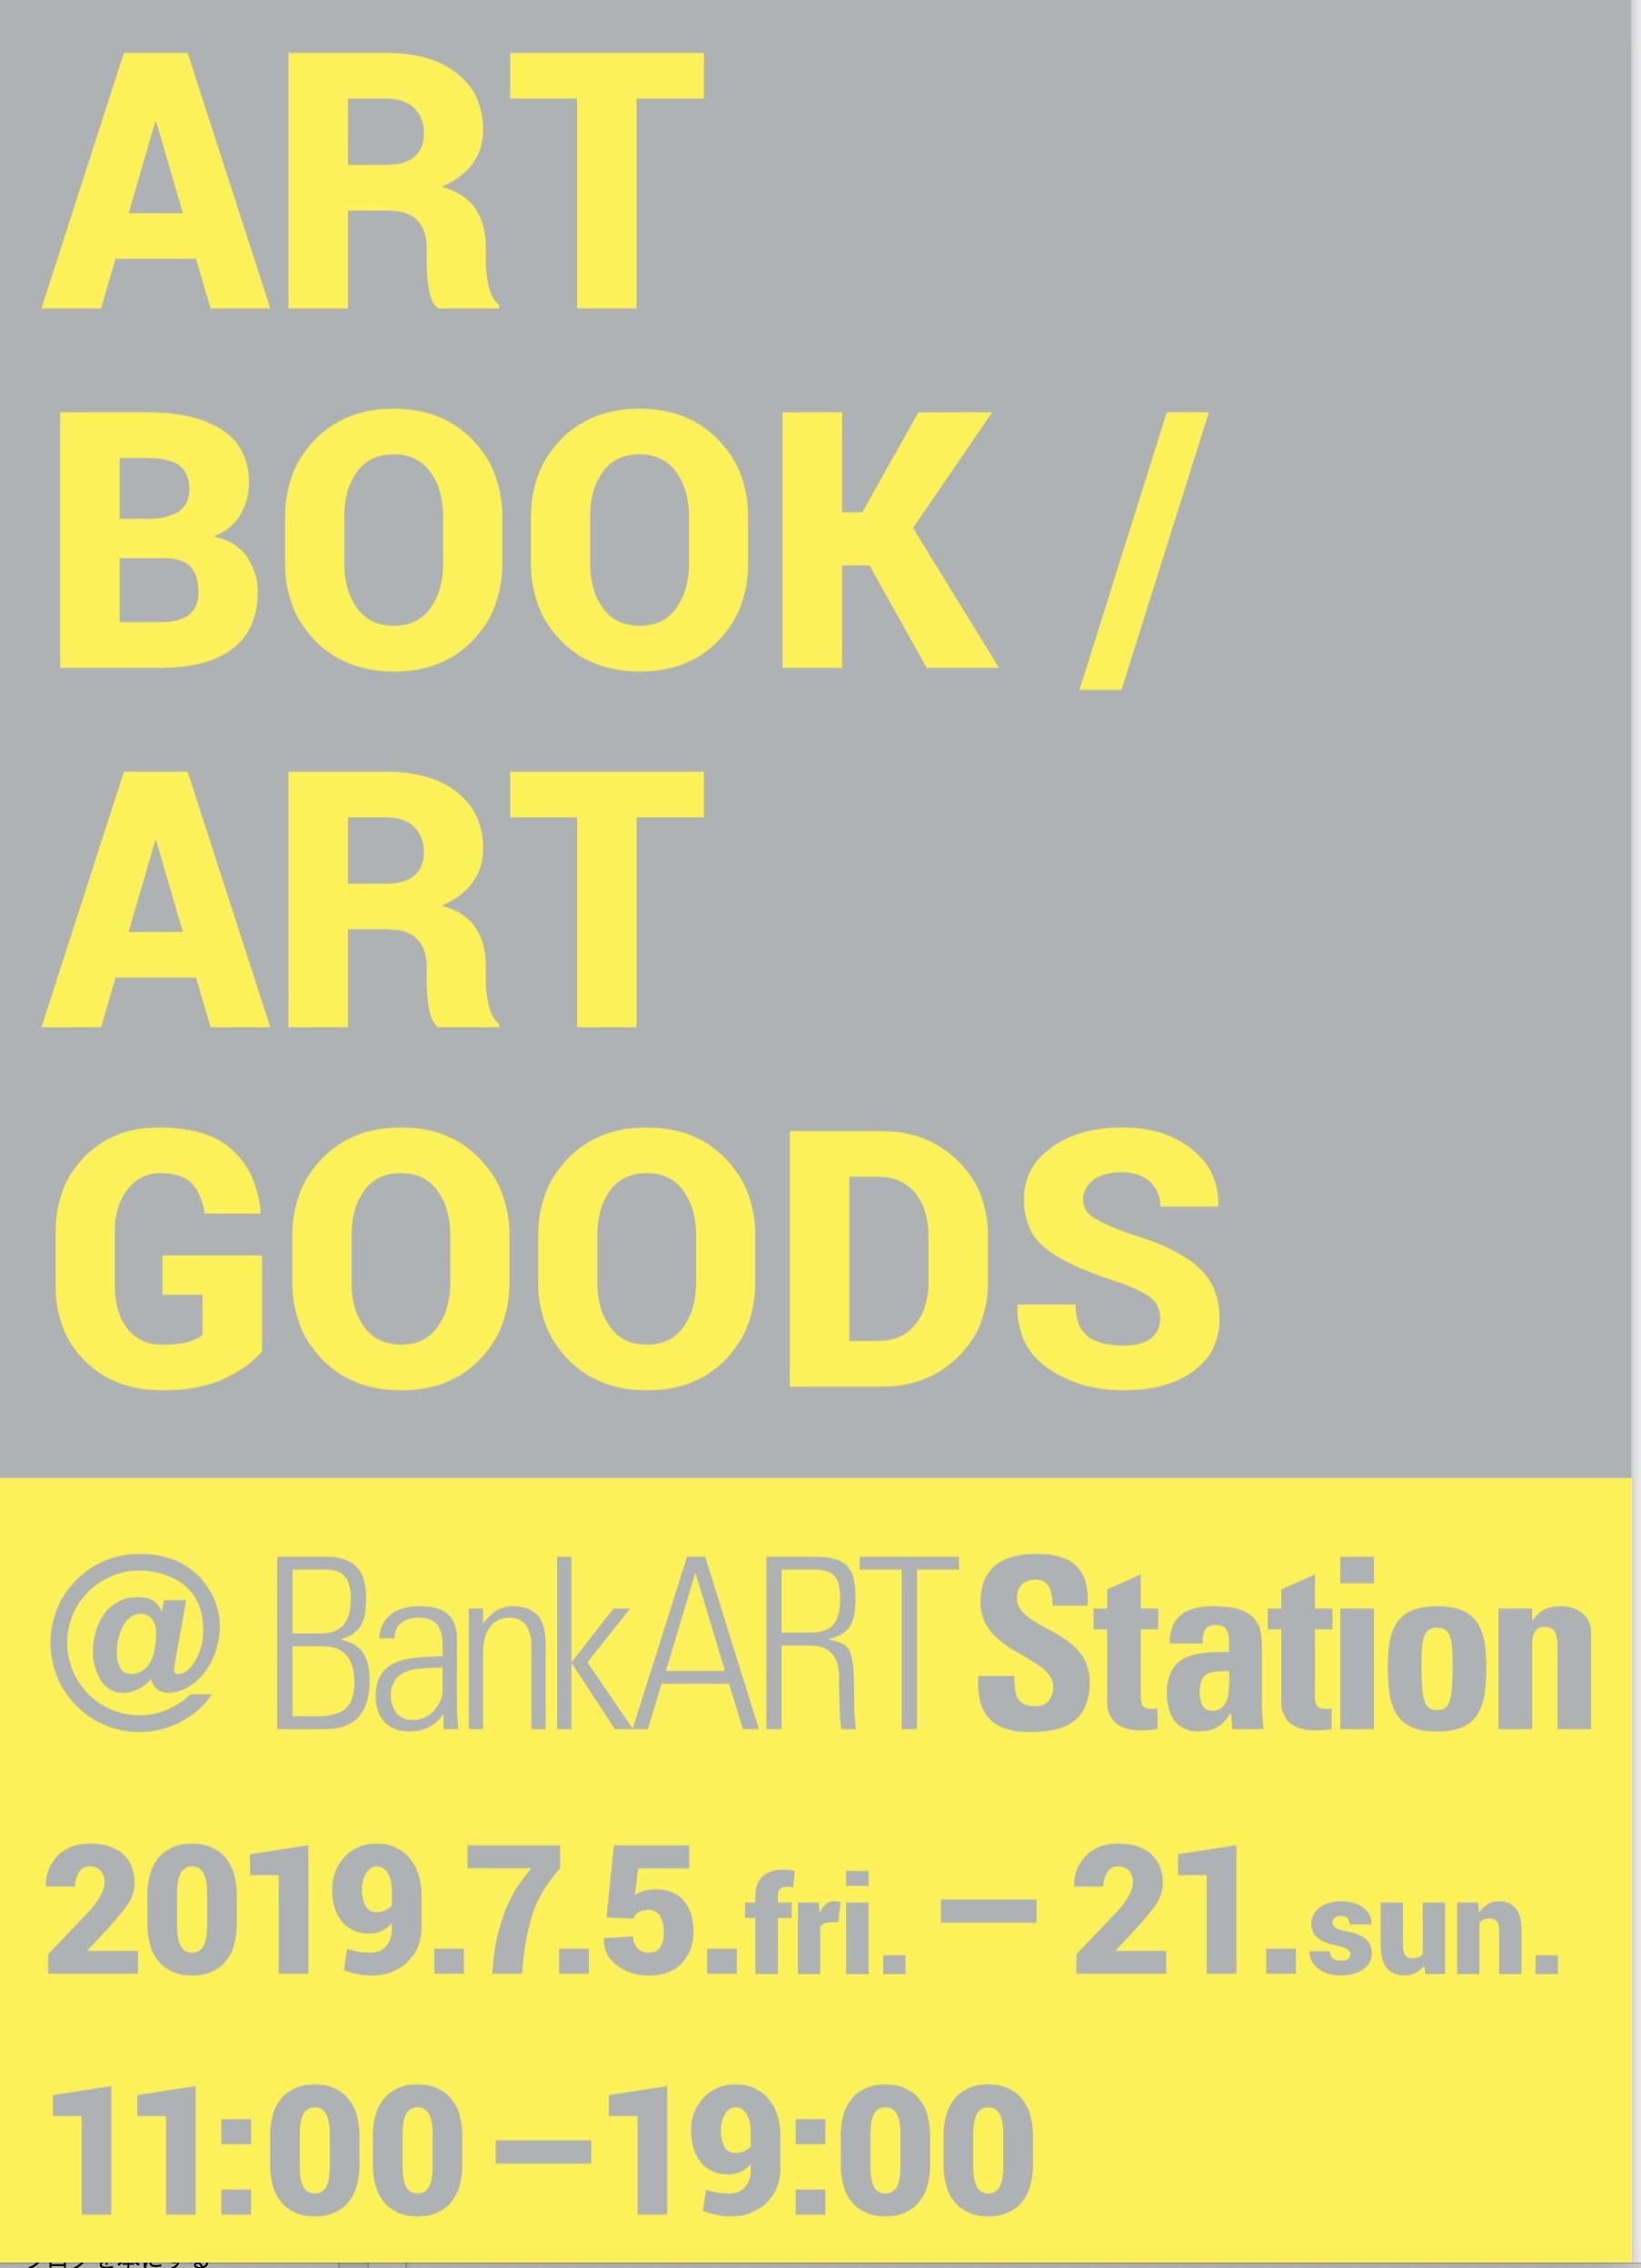 BankART1929 アートグッズ/アートブックイベント 参加中_d0023170_18432892.jpg